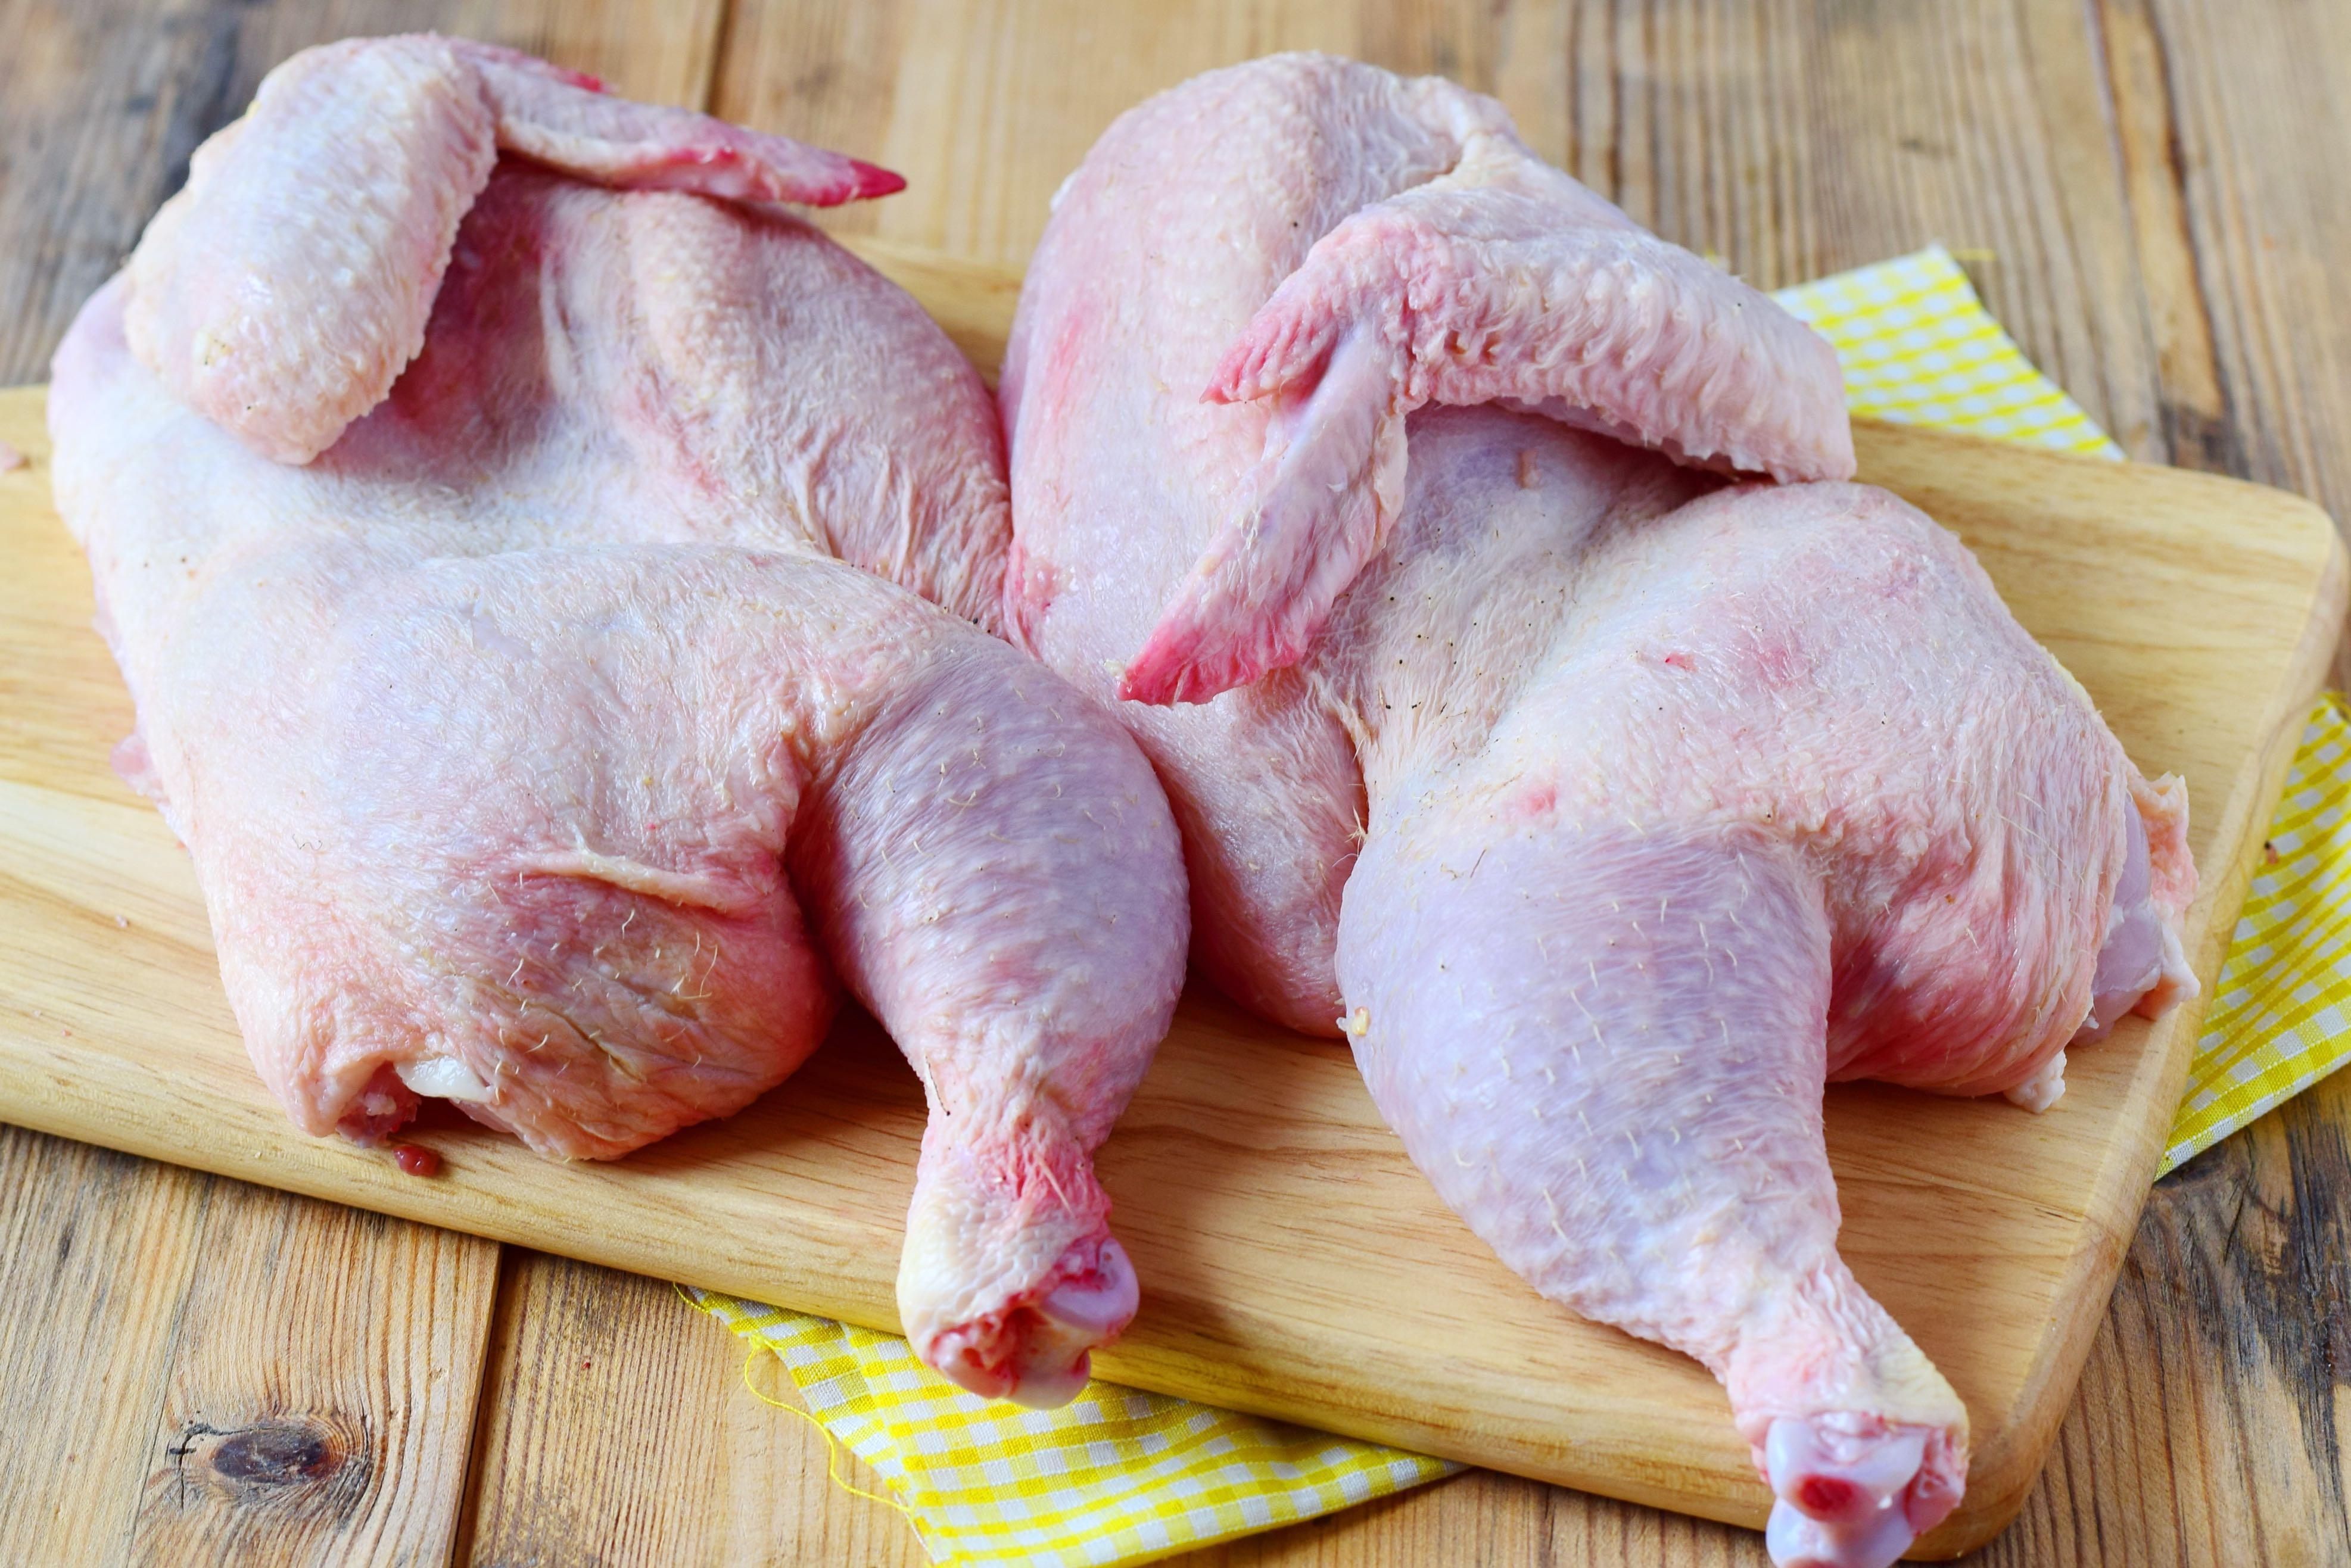 Halved Chicken - July